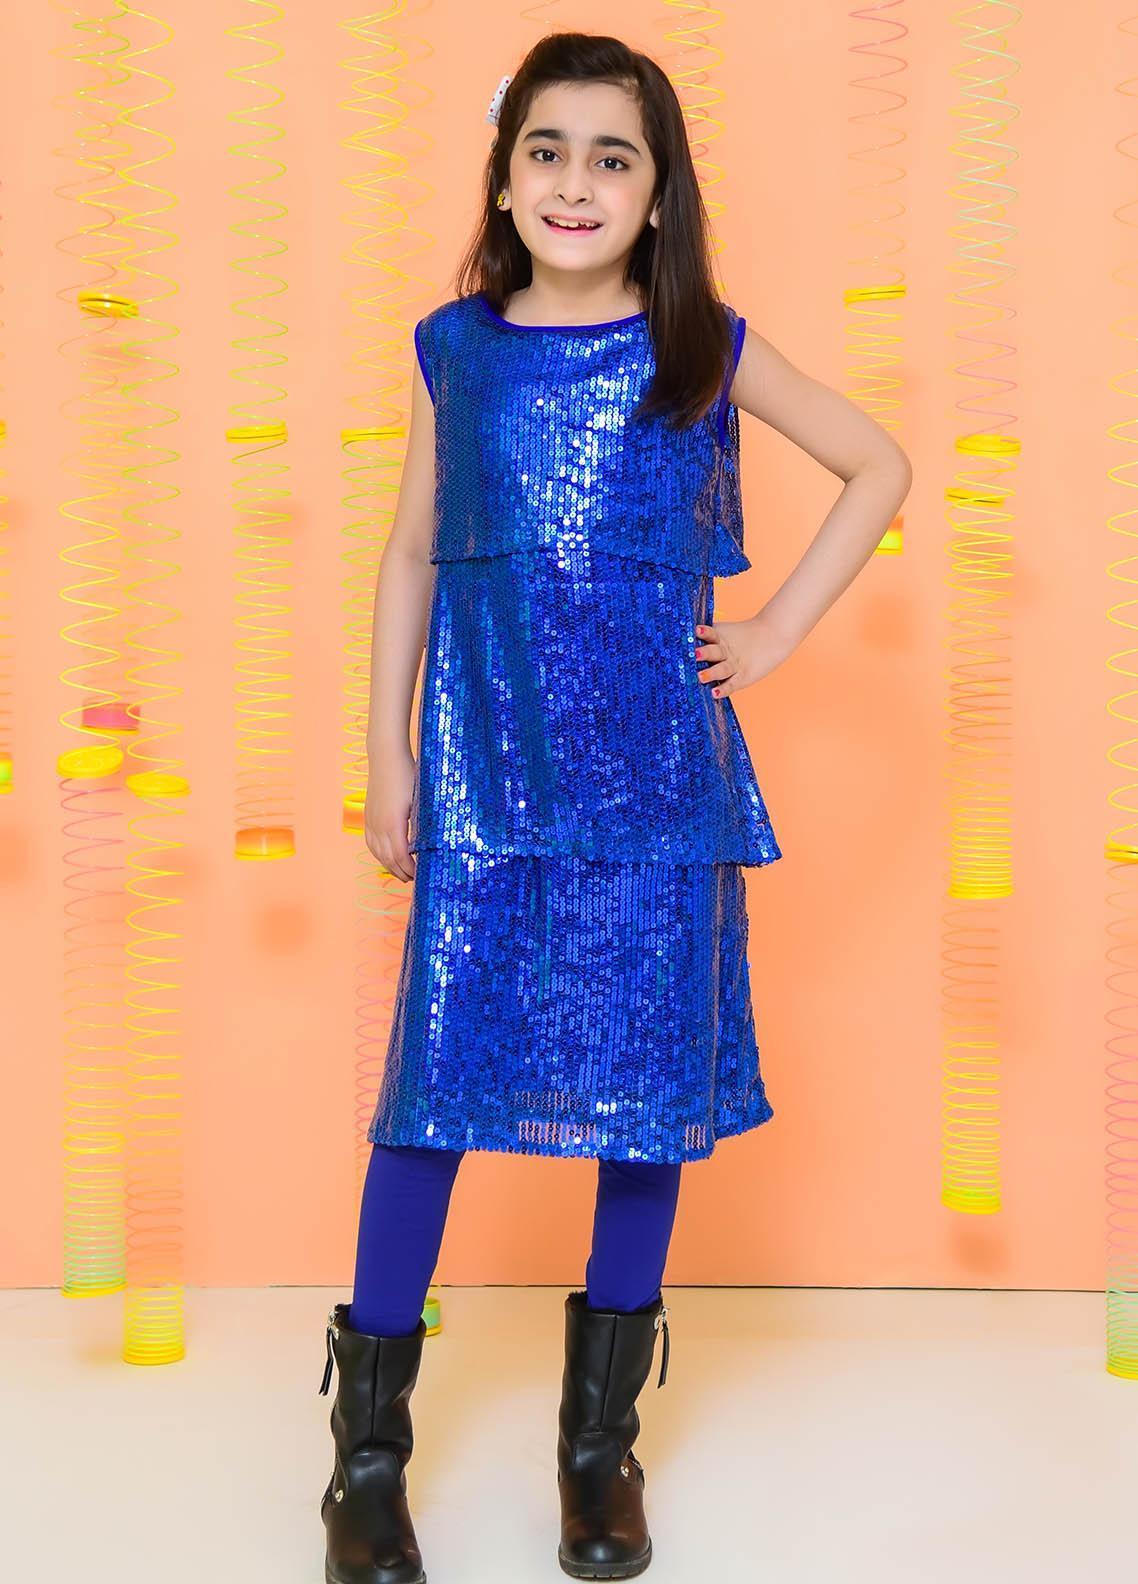 Ochre Net Fancy Girls Top -  OWT 362 Royal Blue